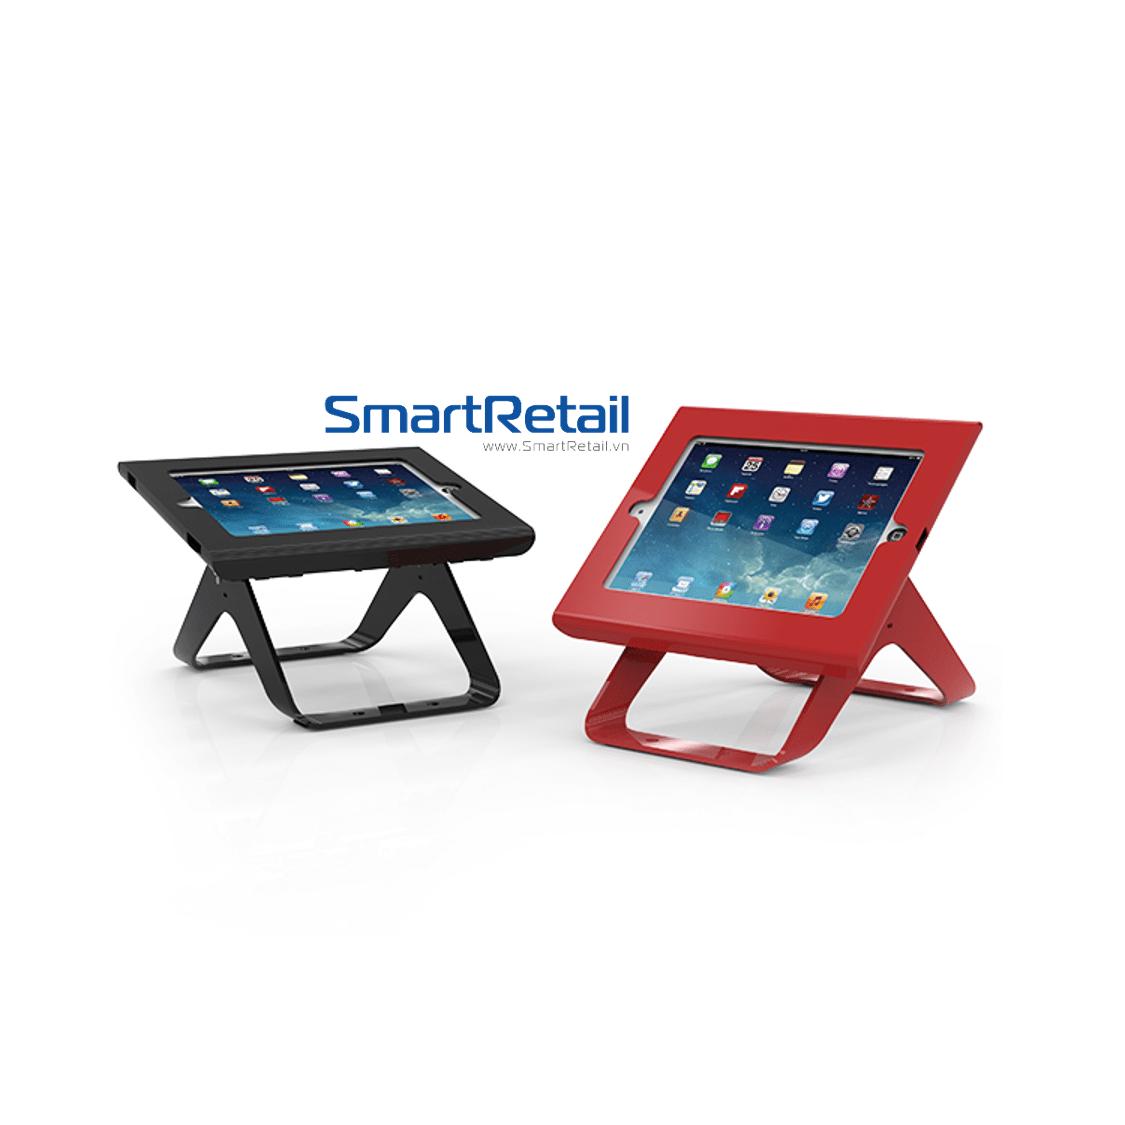 SmartRetail Thiet bi bao ve Tablet SC301 2